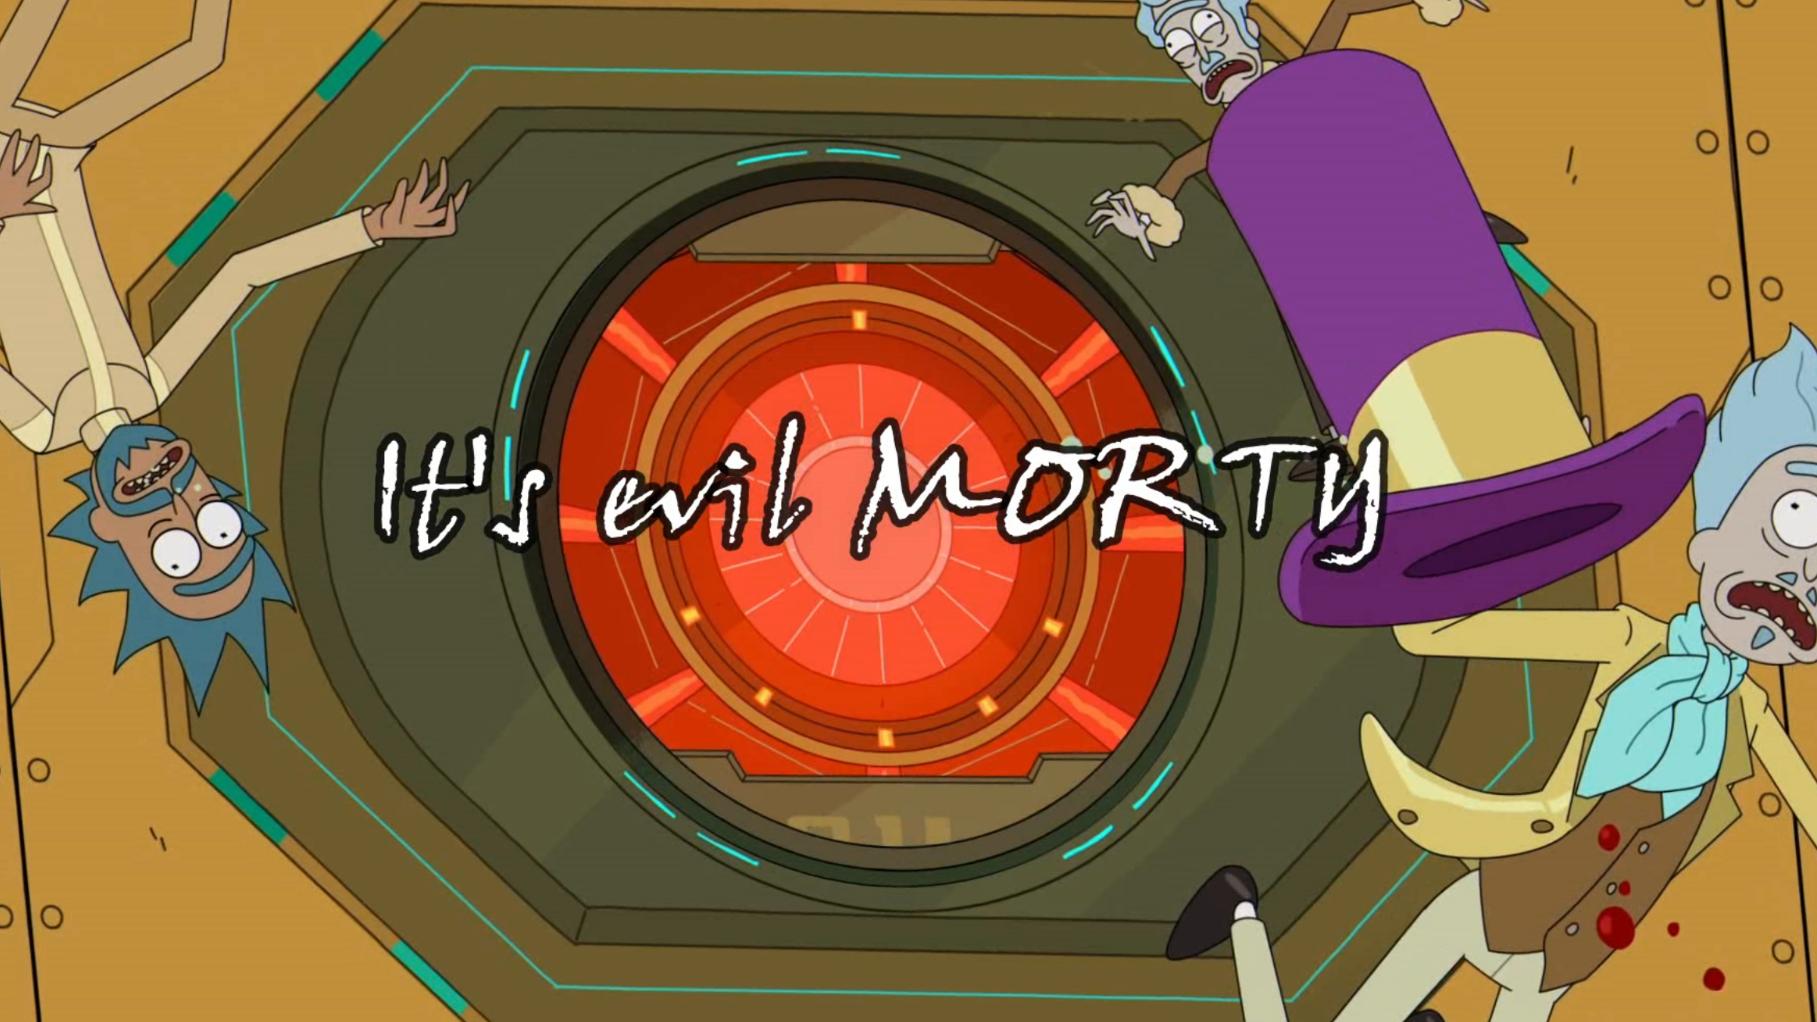 【瑞克和莫蒂】The evil Morty 我是最瑞克的莫蒂